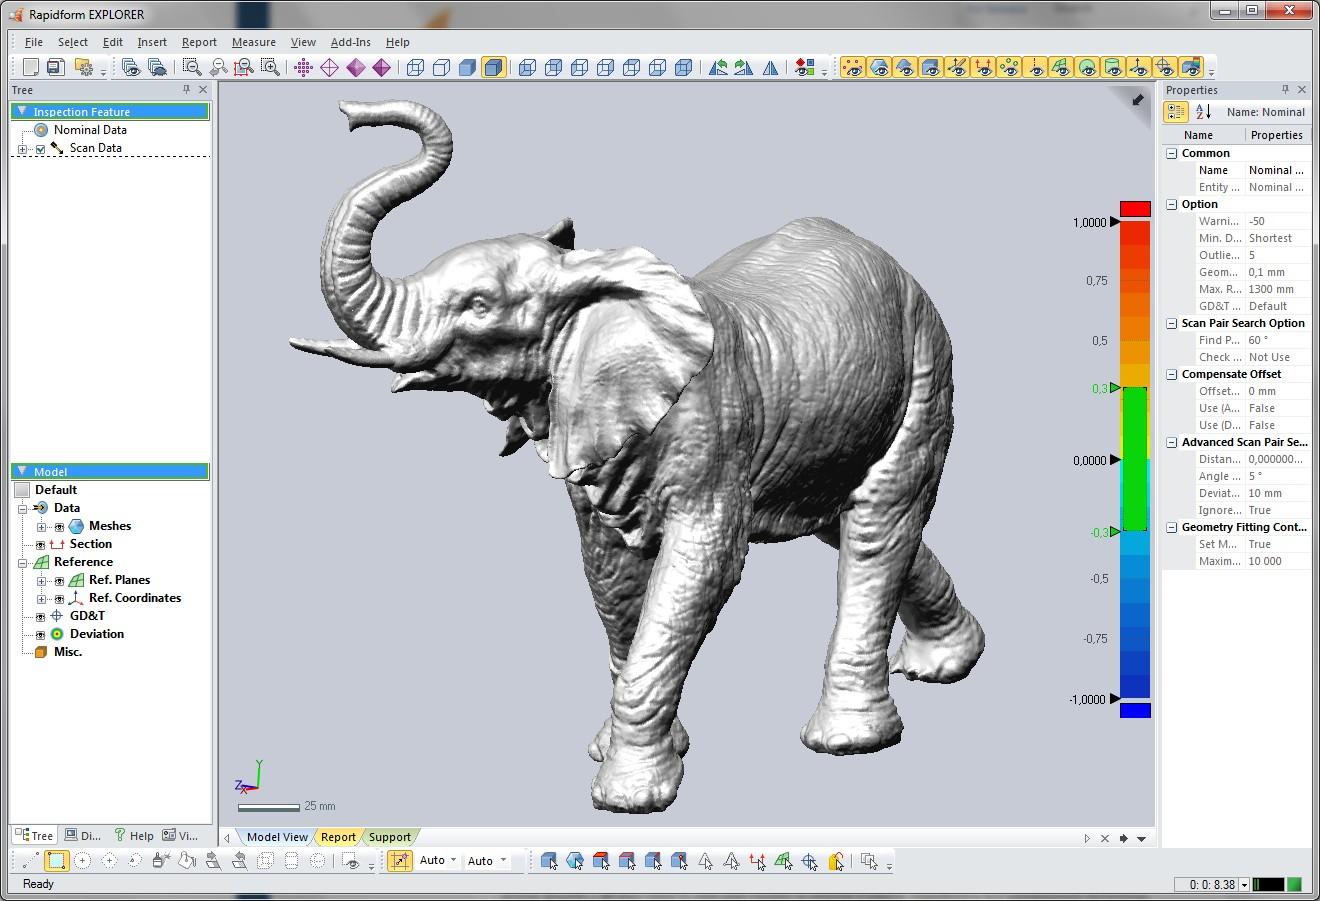 3D Моделей Solidworks